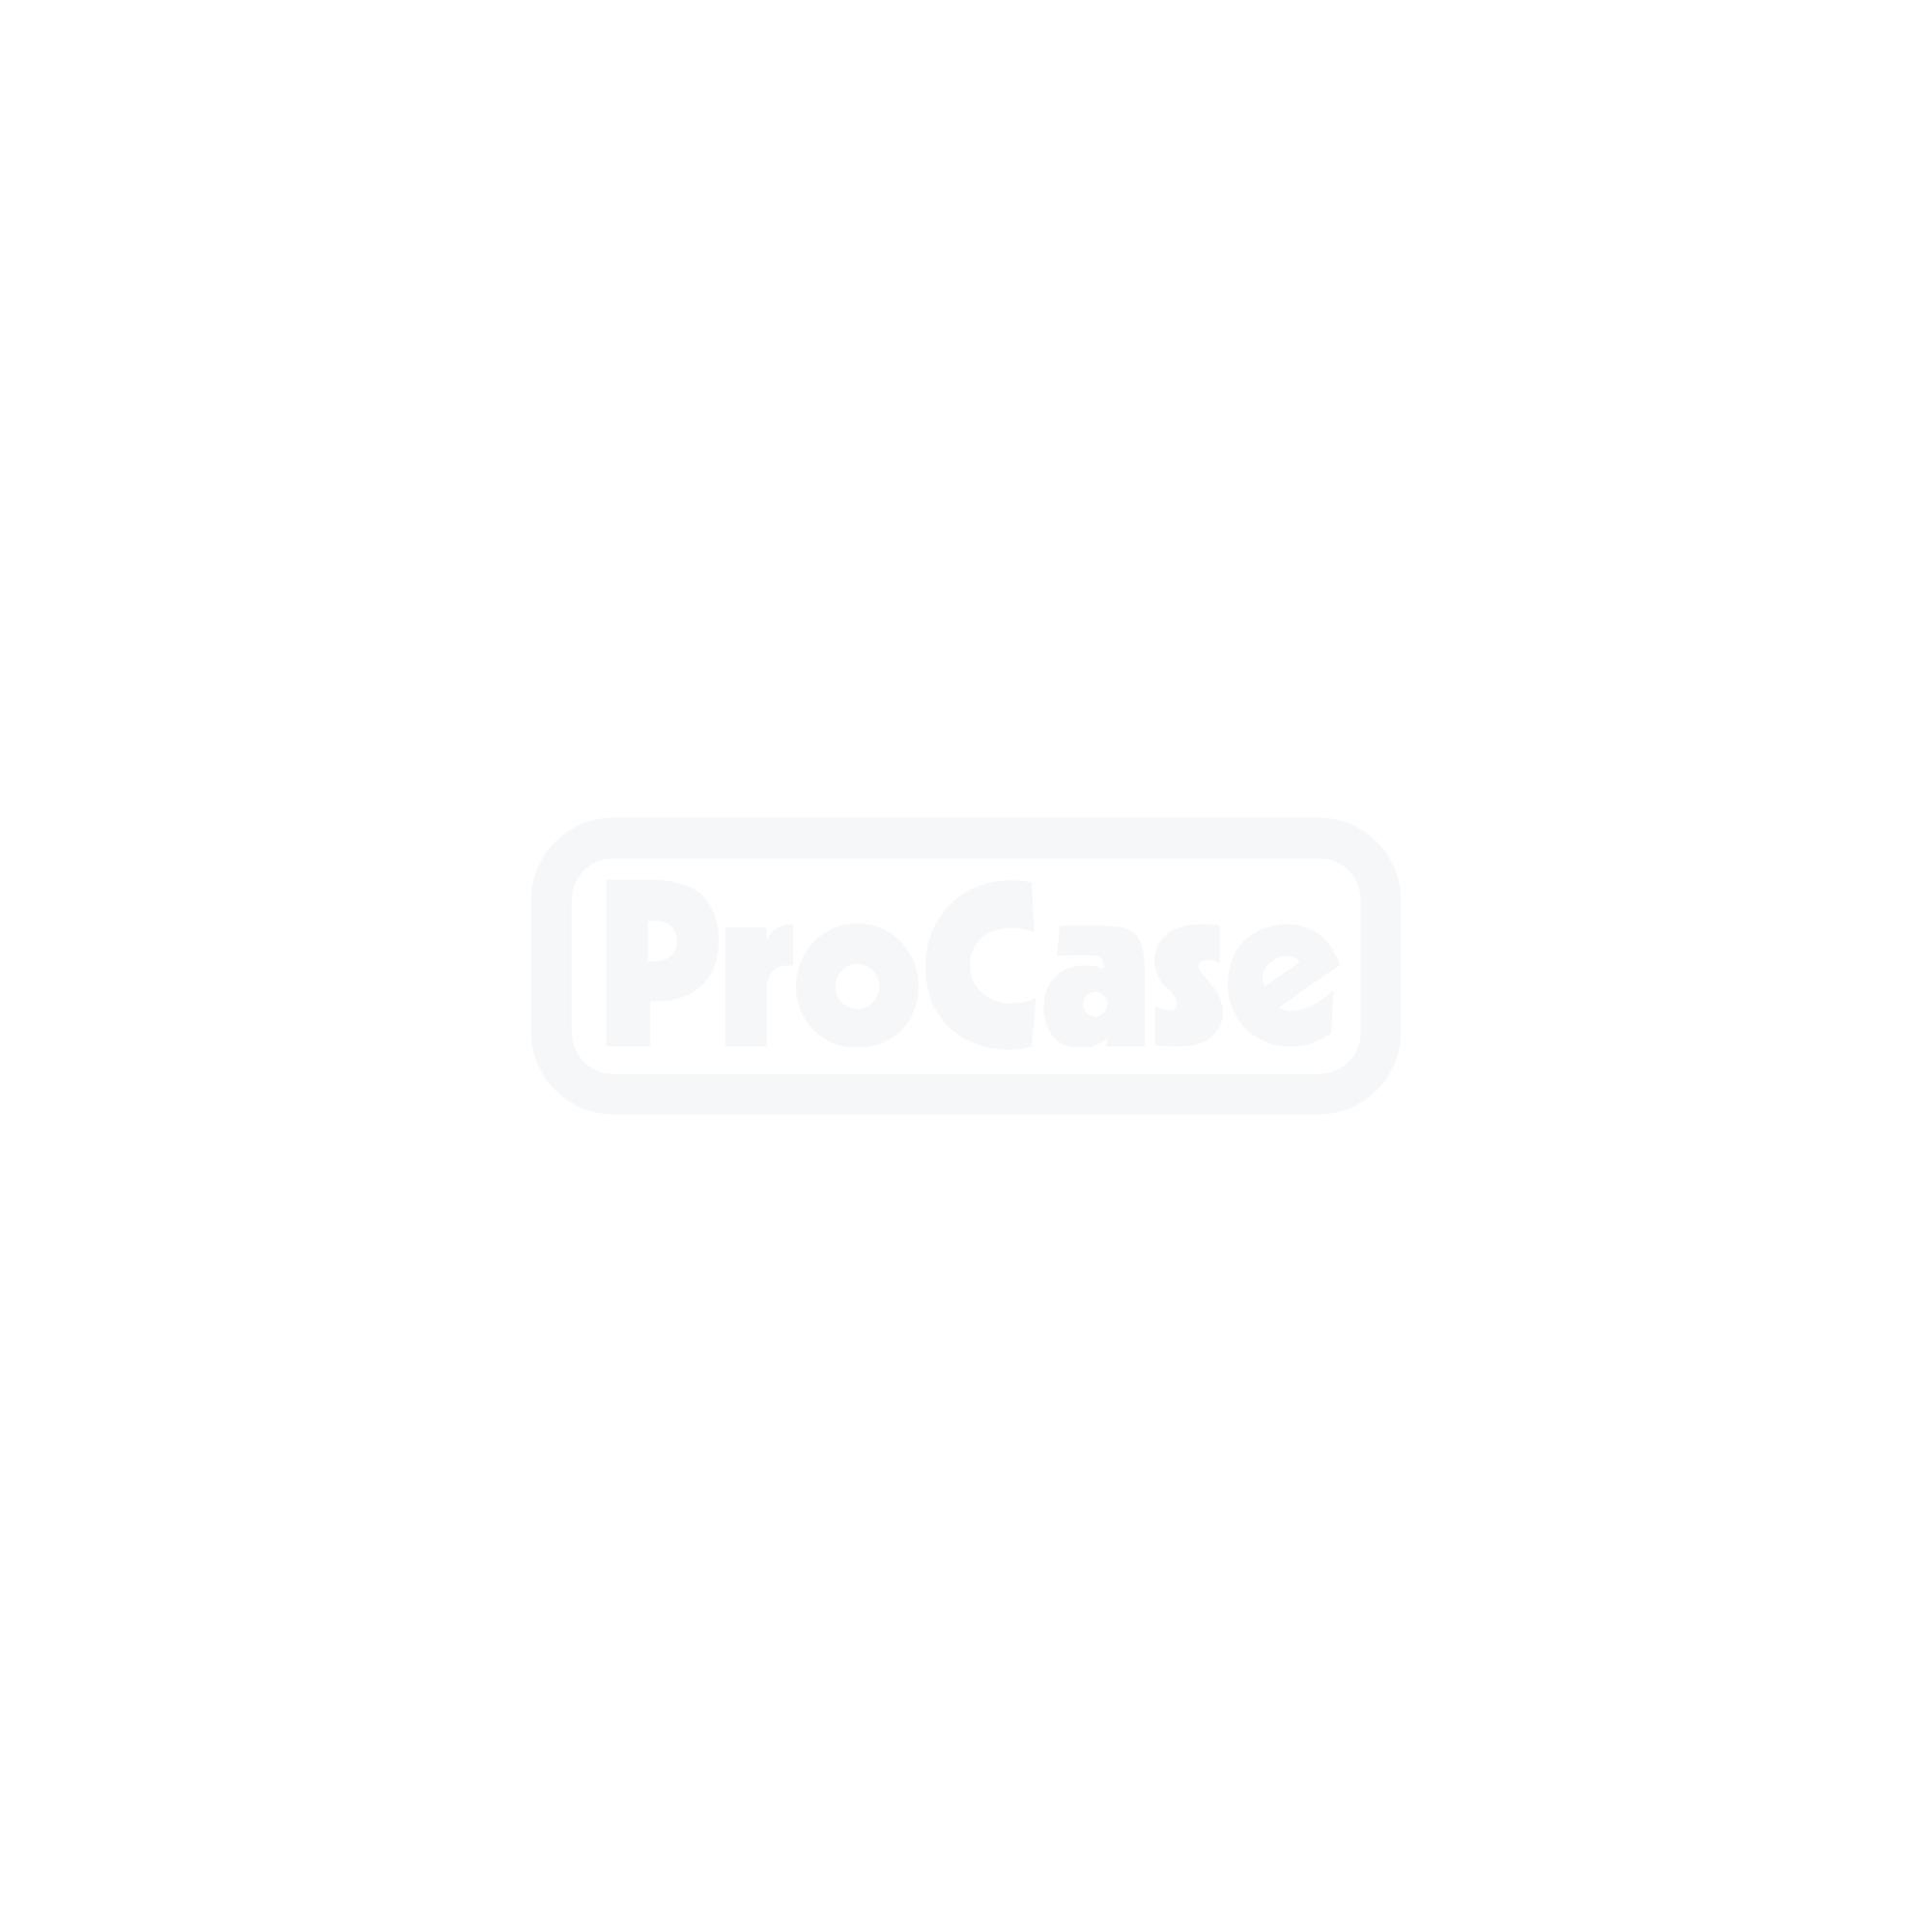 Trusspin Einsatzkasten T1 für Rigging/Tool-Case